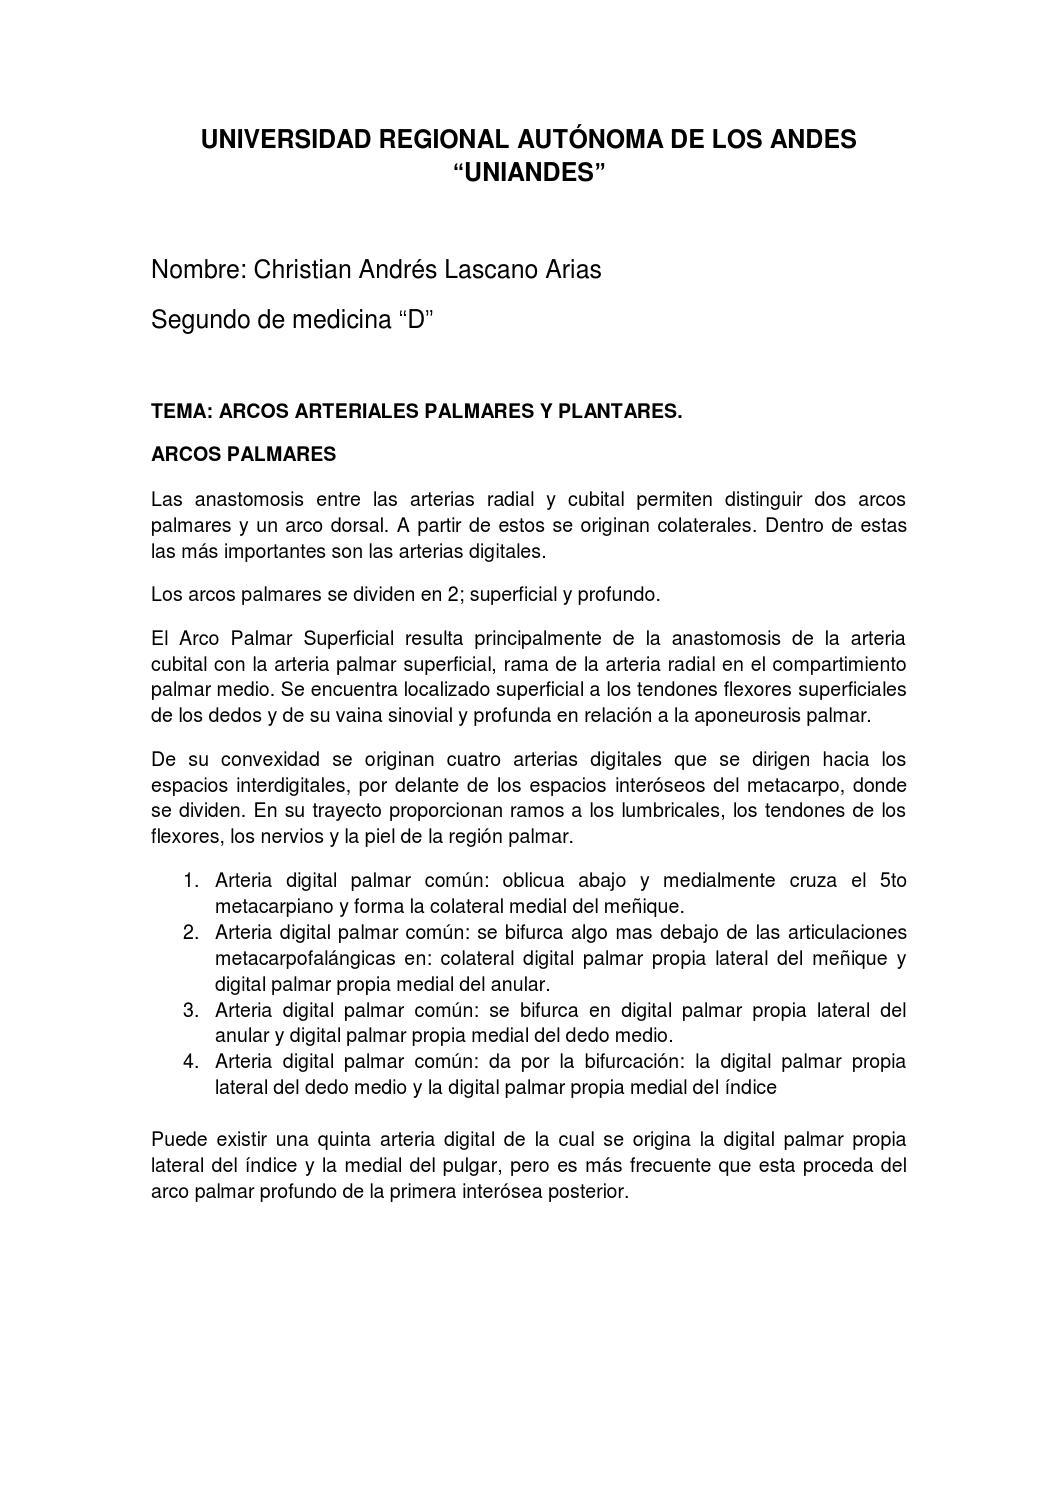 Arcos Arteriales Palmares y Plantares by Clascano495 - issuu